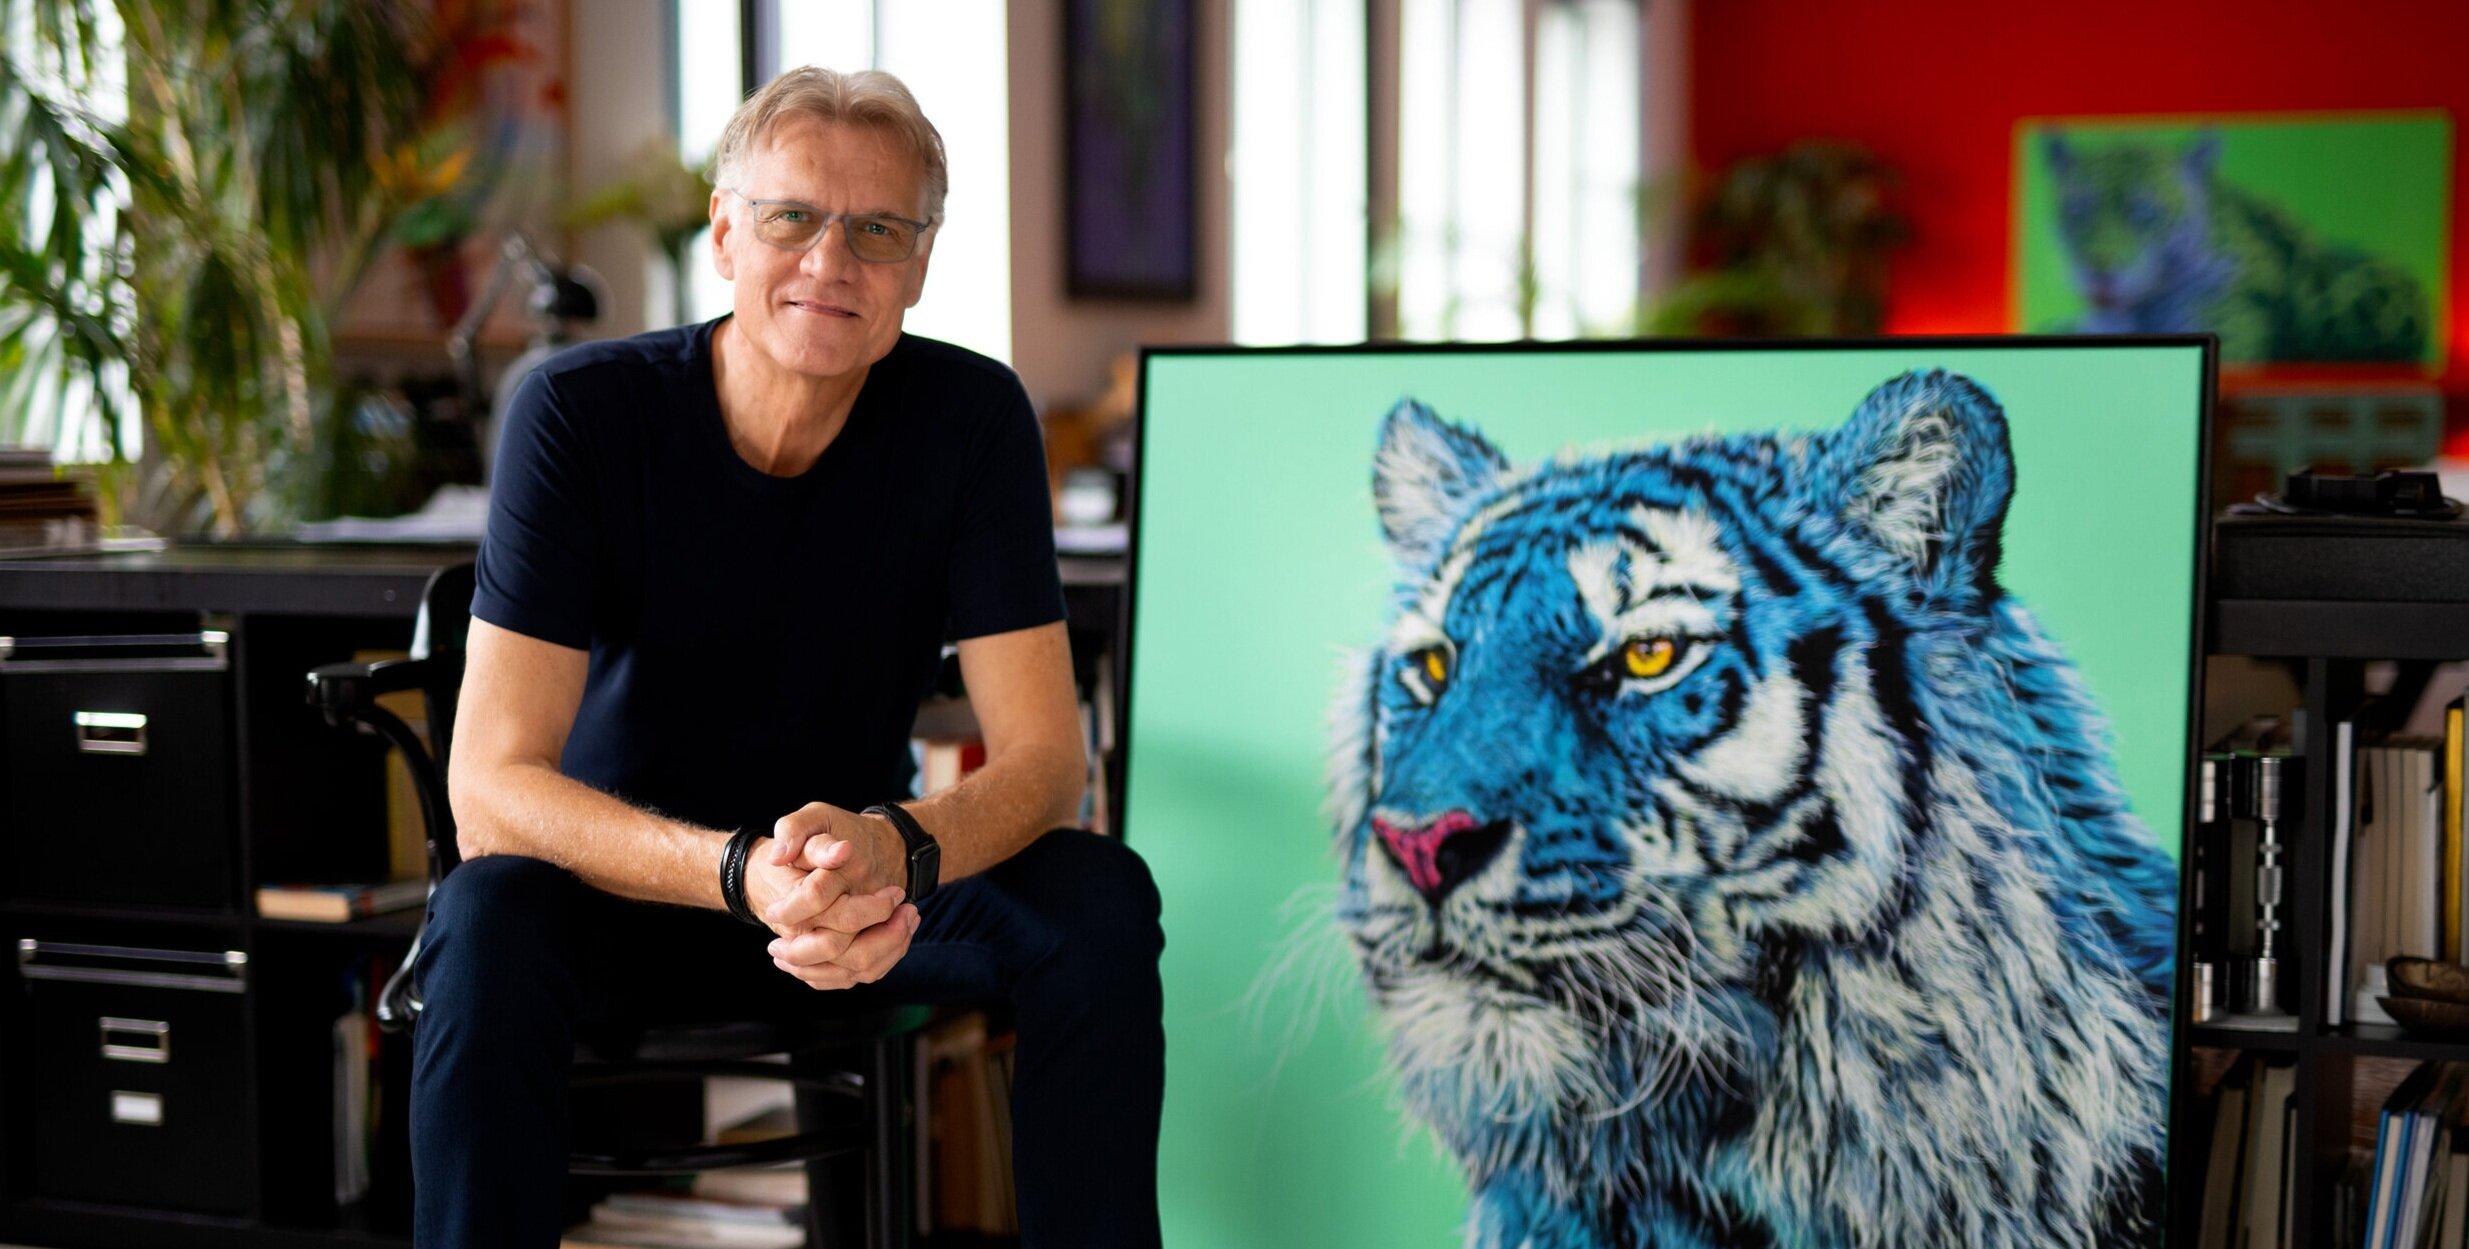 Artist Helmut Koller